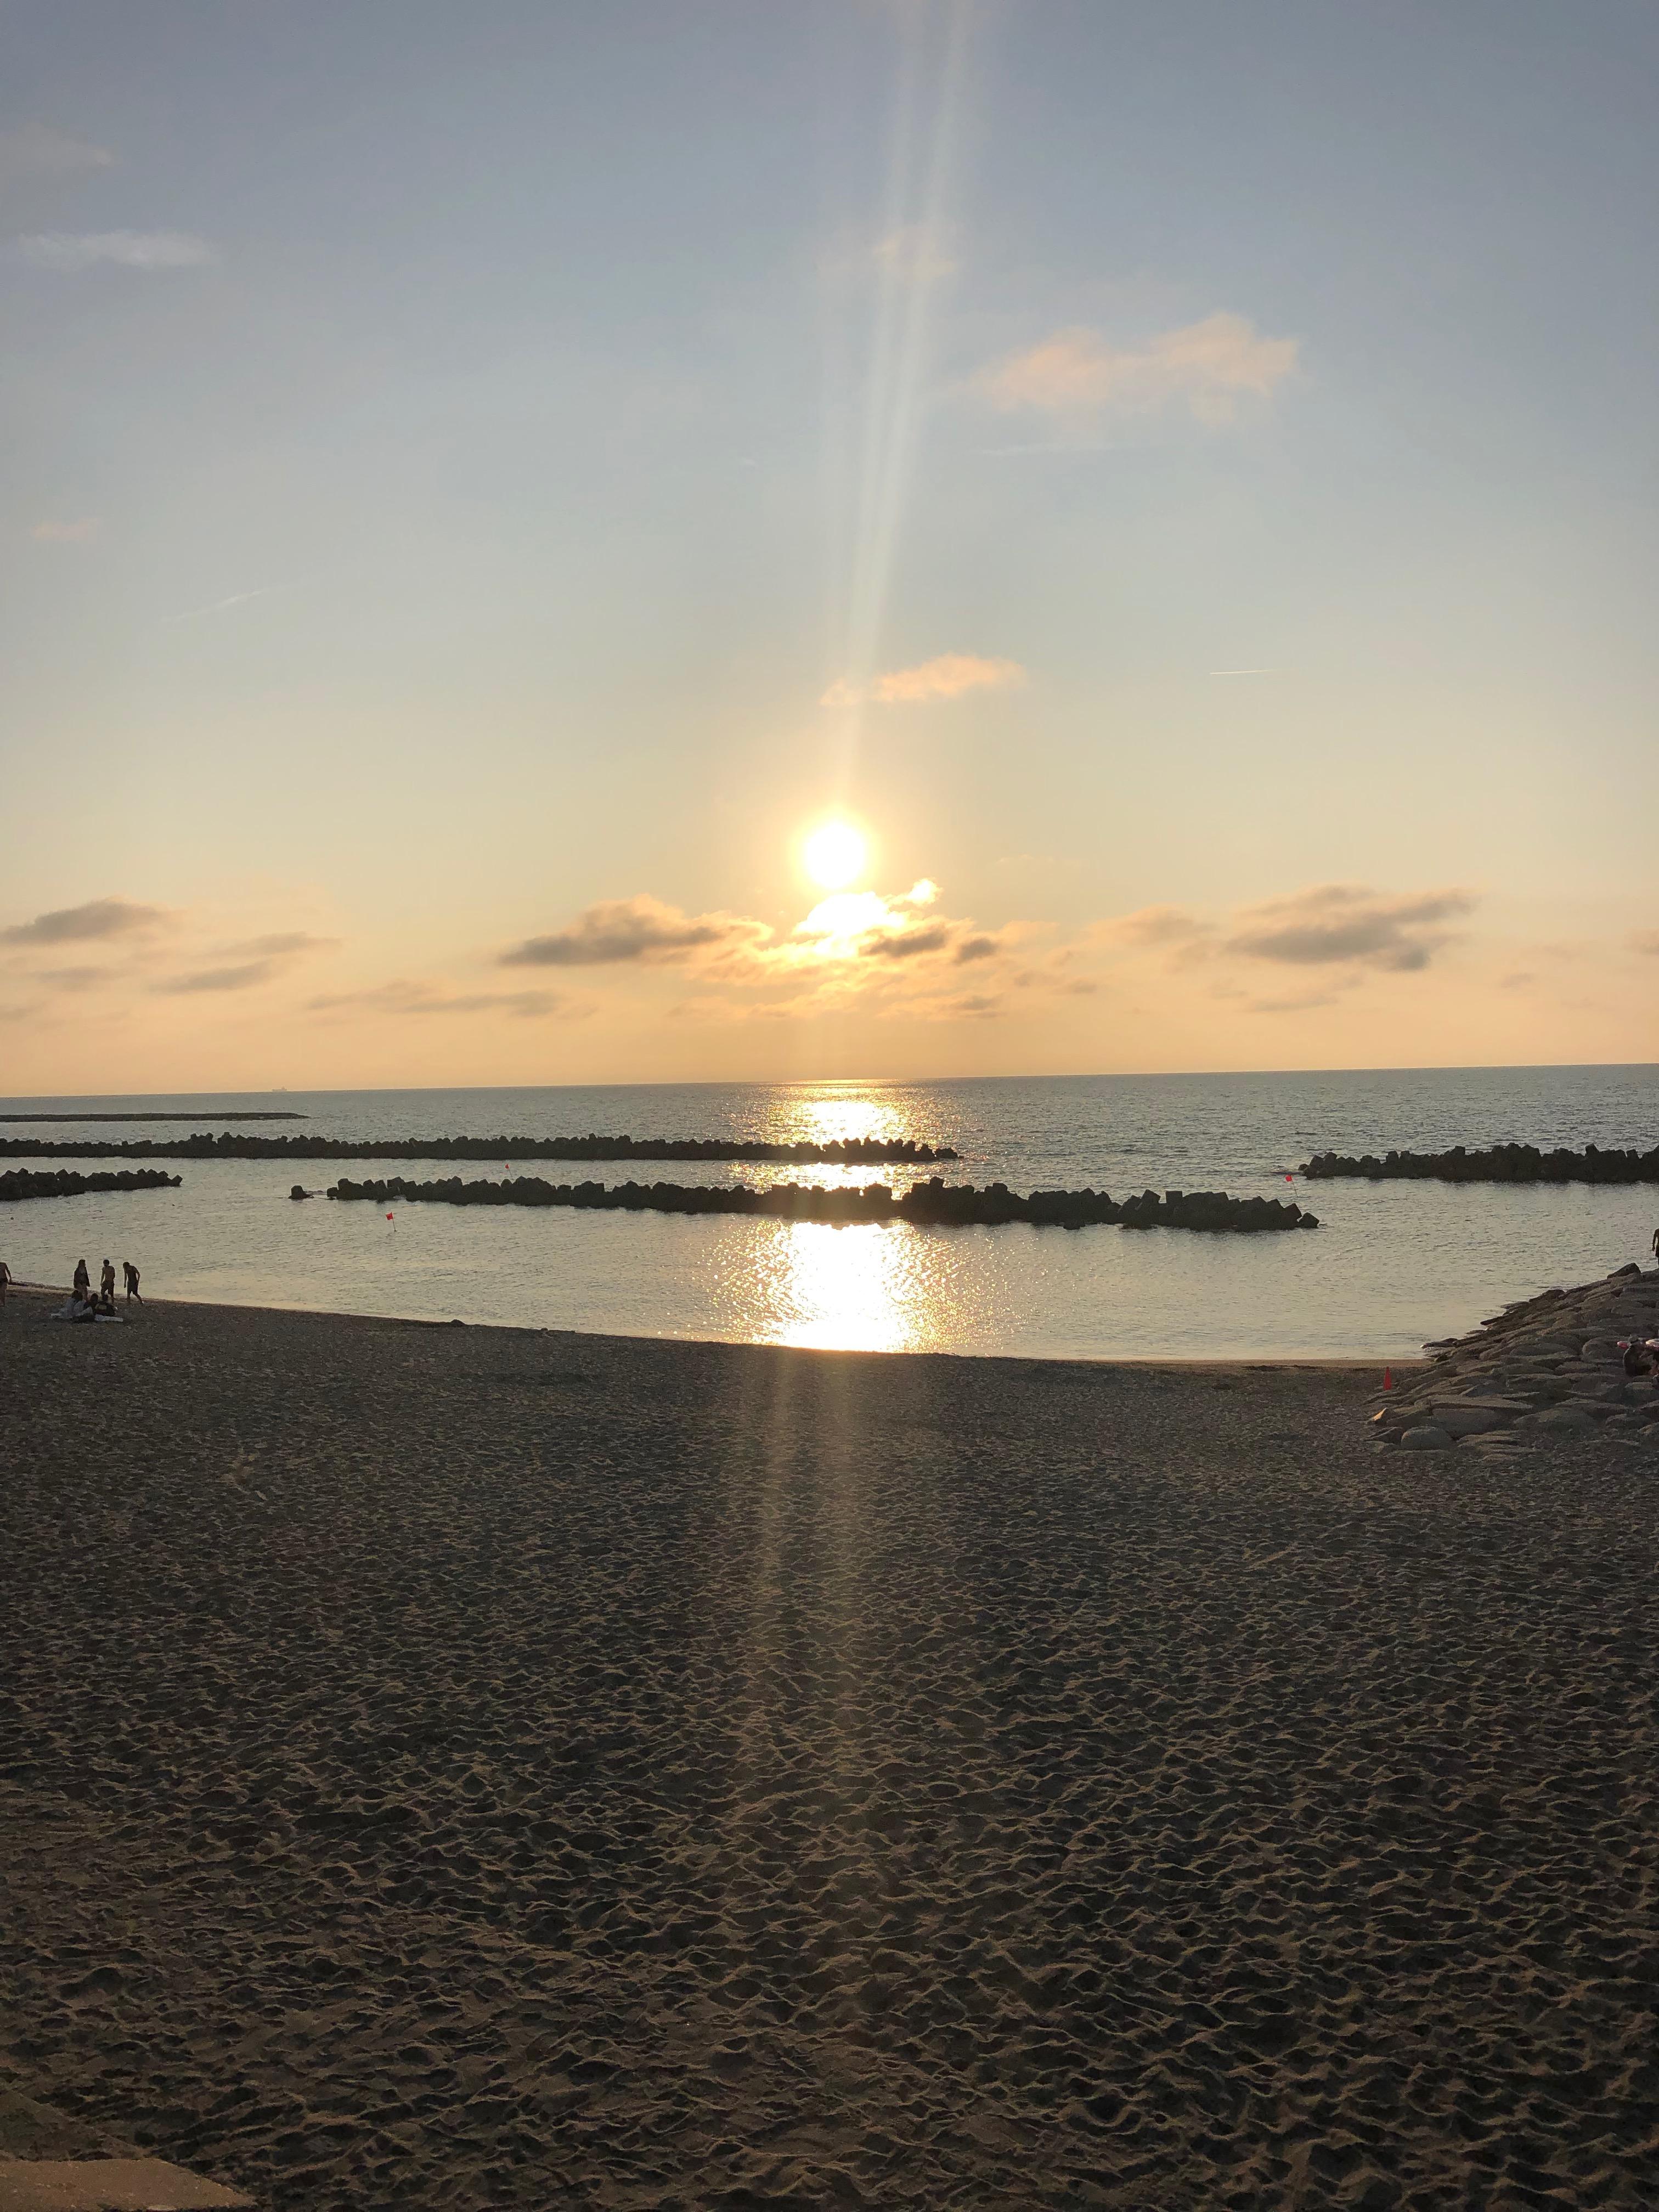 日本海に沈む夕日が綺麗でした